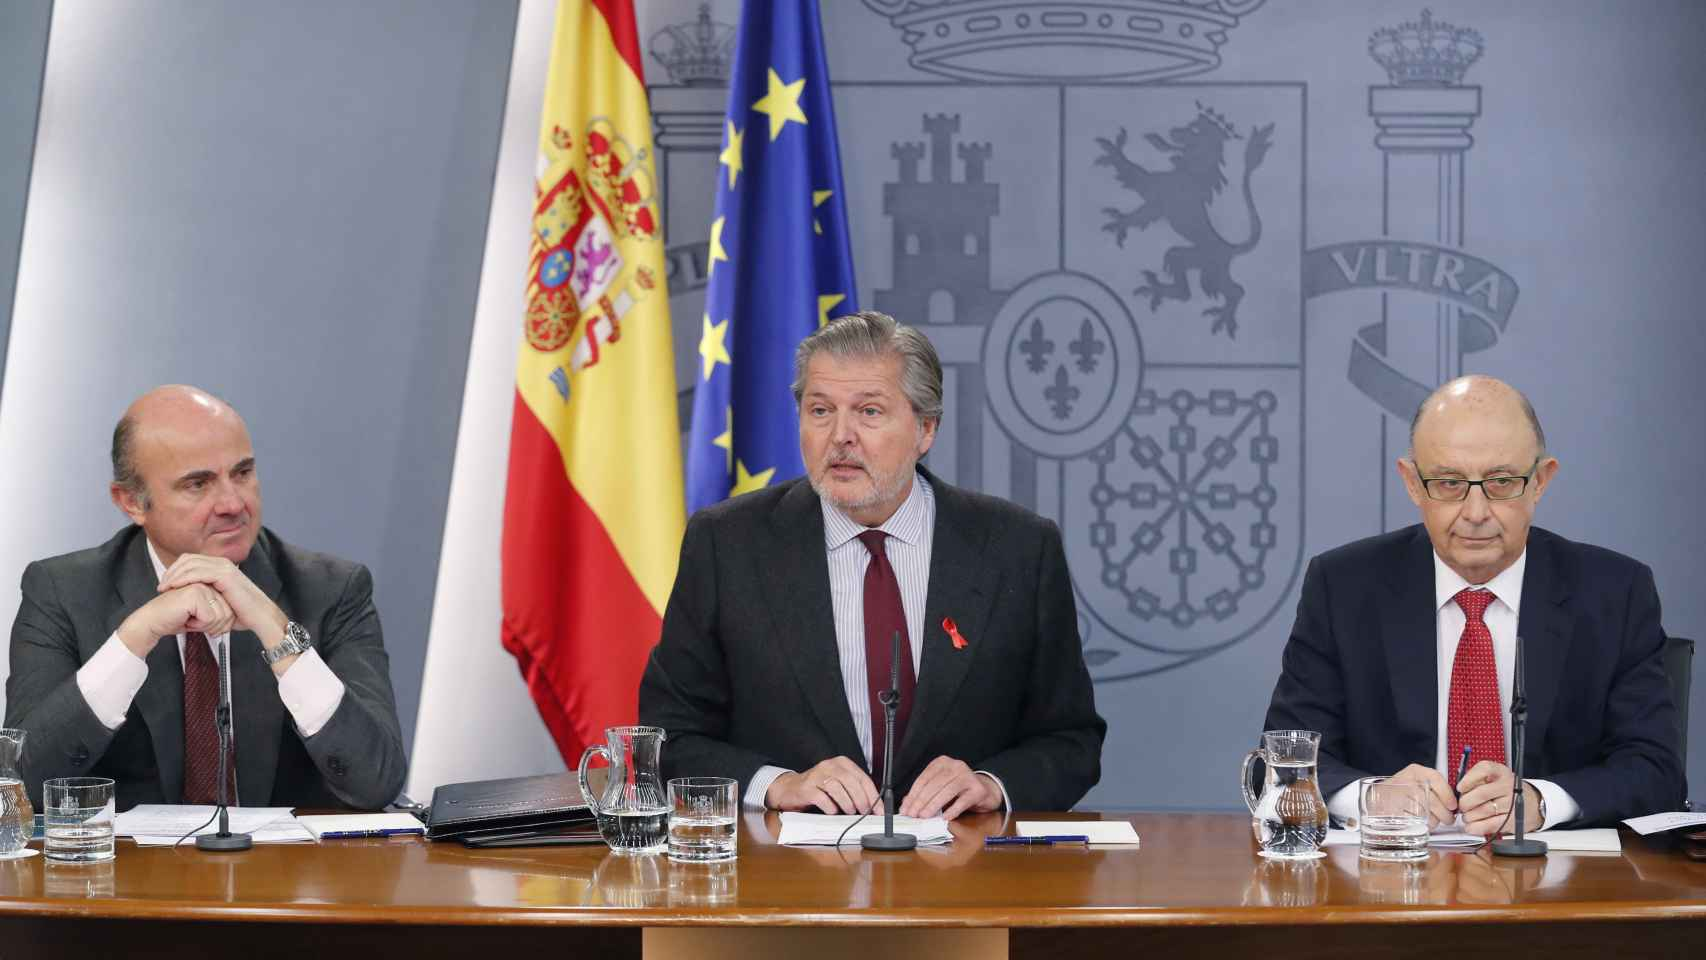 El portavoz del Gobierno, Íñigo Méndez de Vigo (c), junto al ministro de Economía, Industria y Competitividad, Luis de Guindos (i), y el ministro de Hacienda, Cristóbal Montoro (d).